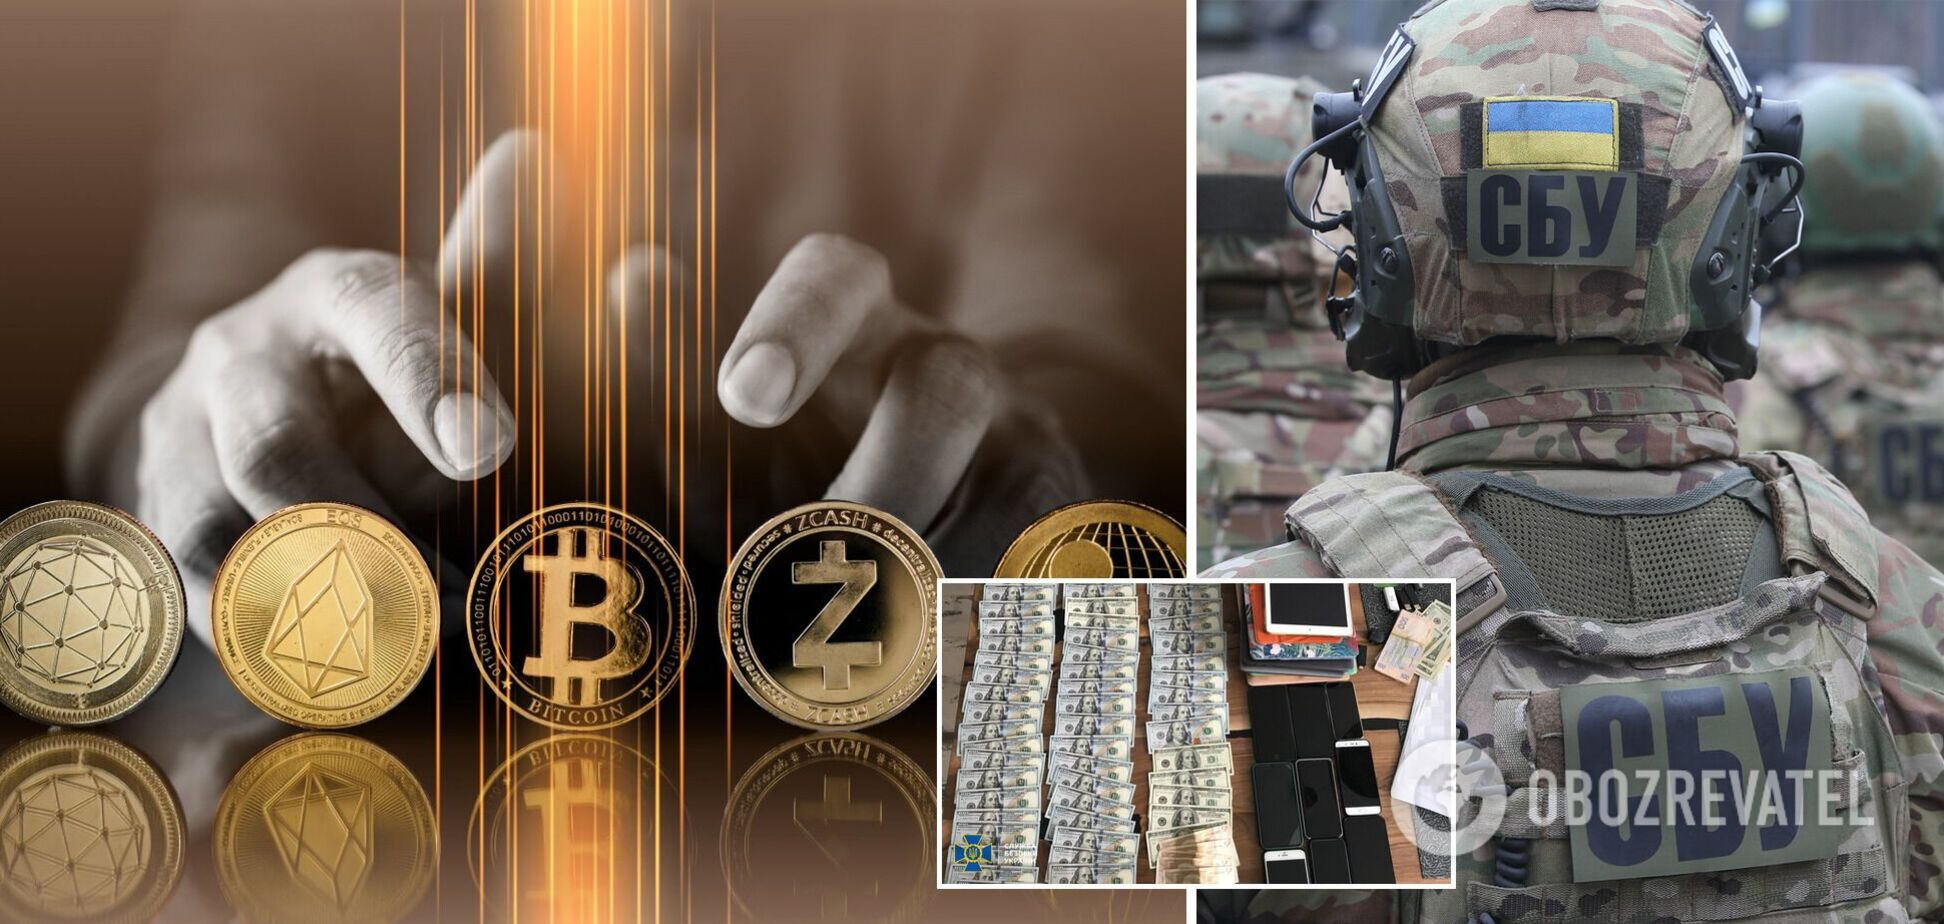 СБУ вилучила 800 кг срібла у криптовалютників, які фінансували ''Л/ДНР''. Фото і відео